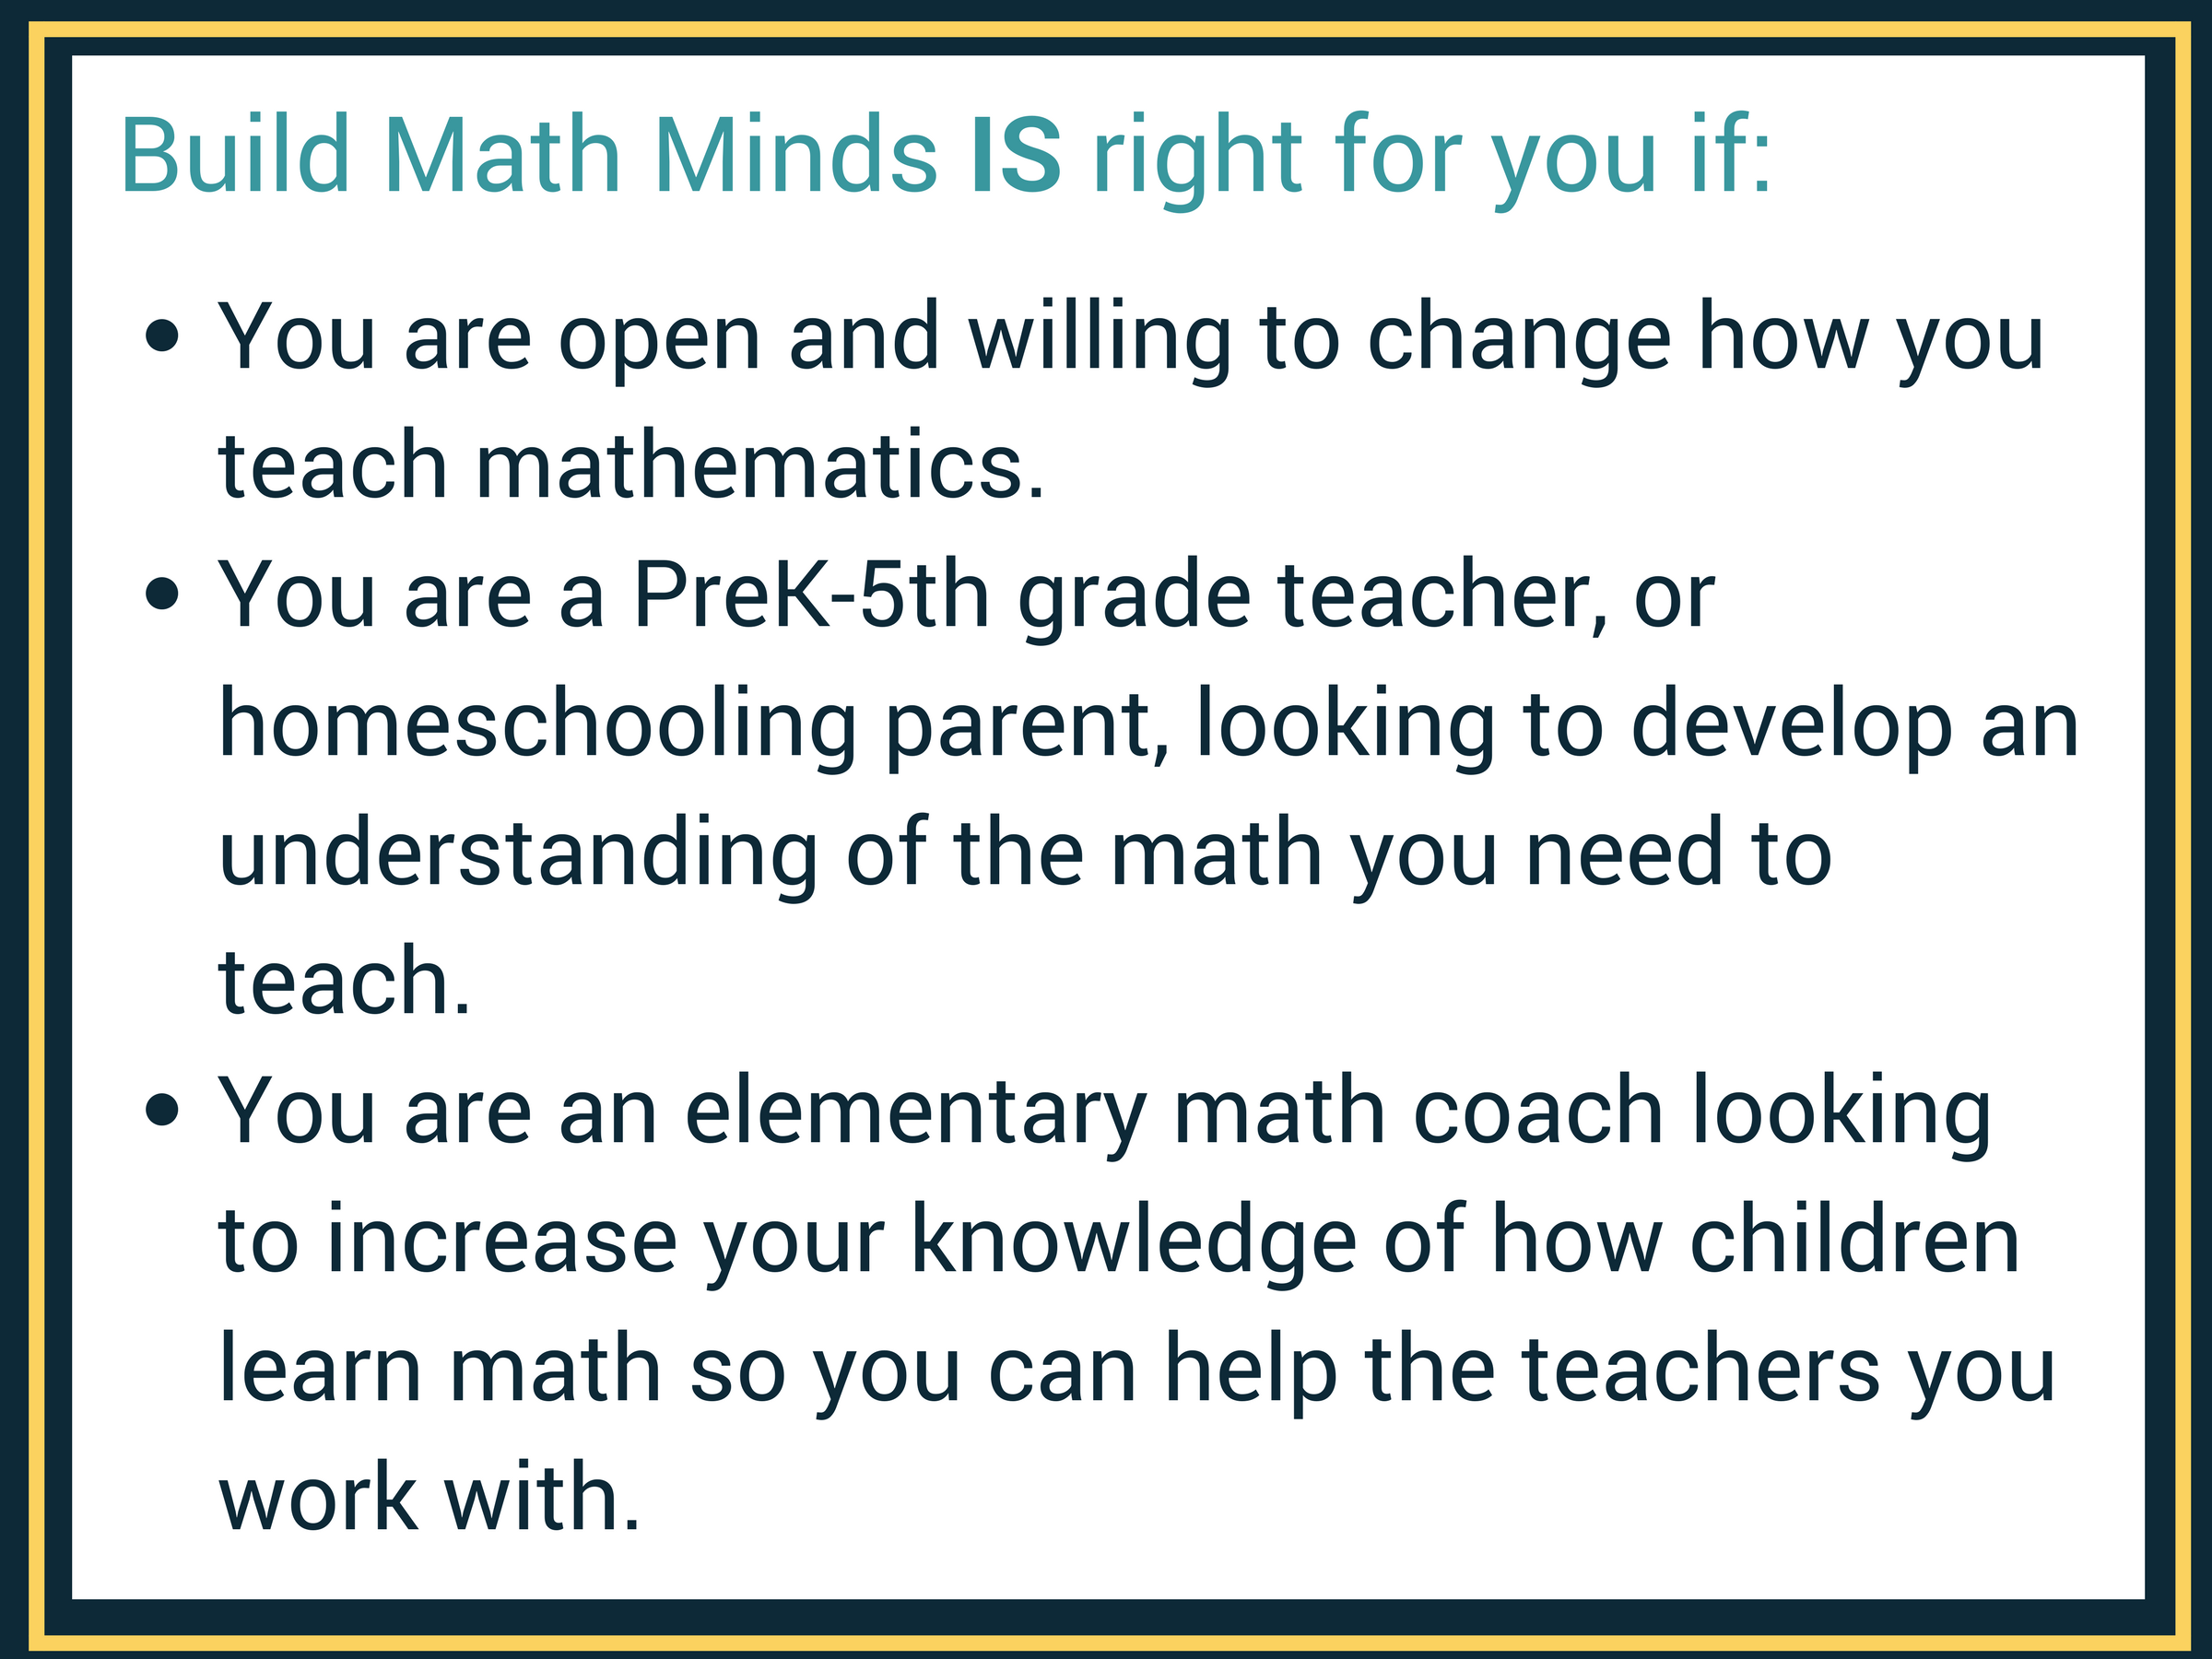 BMM | Build Math Minds